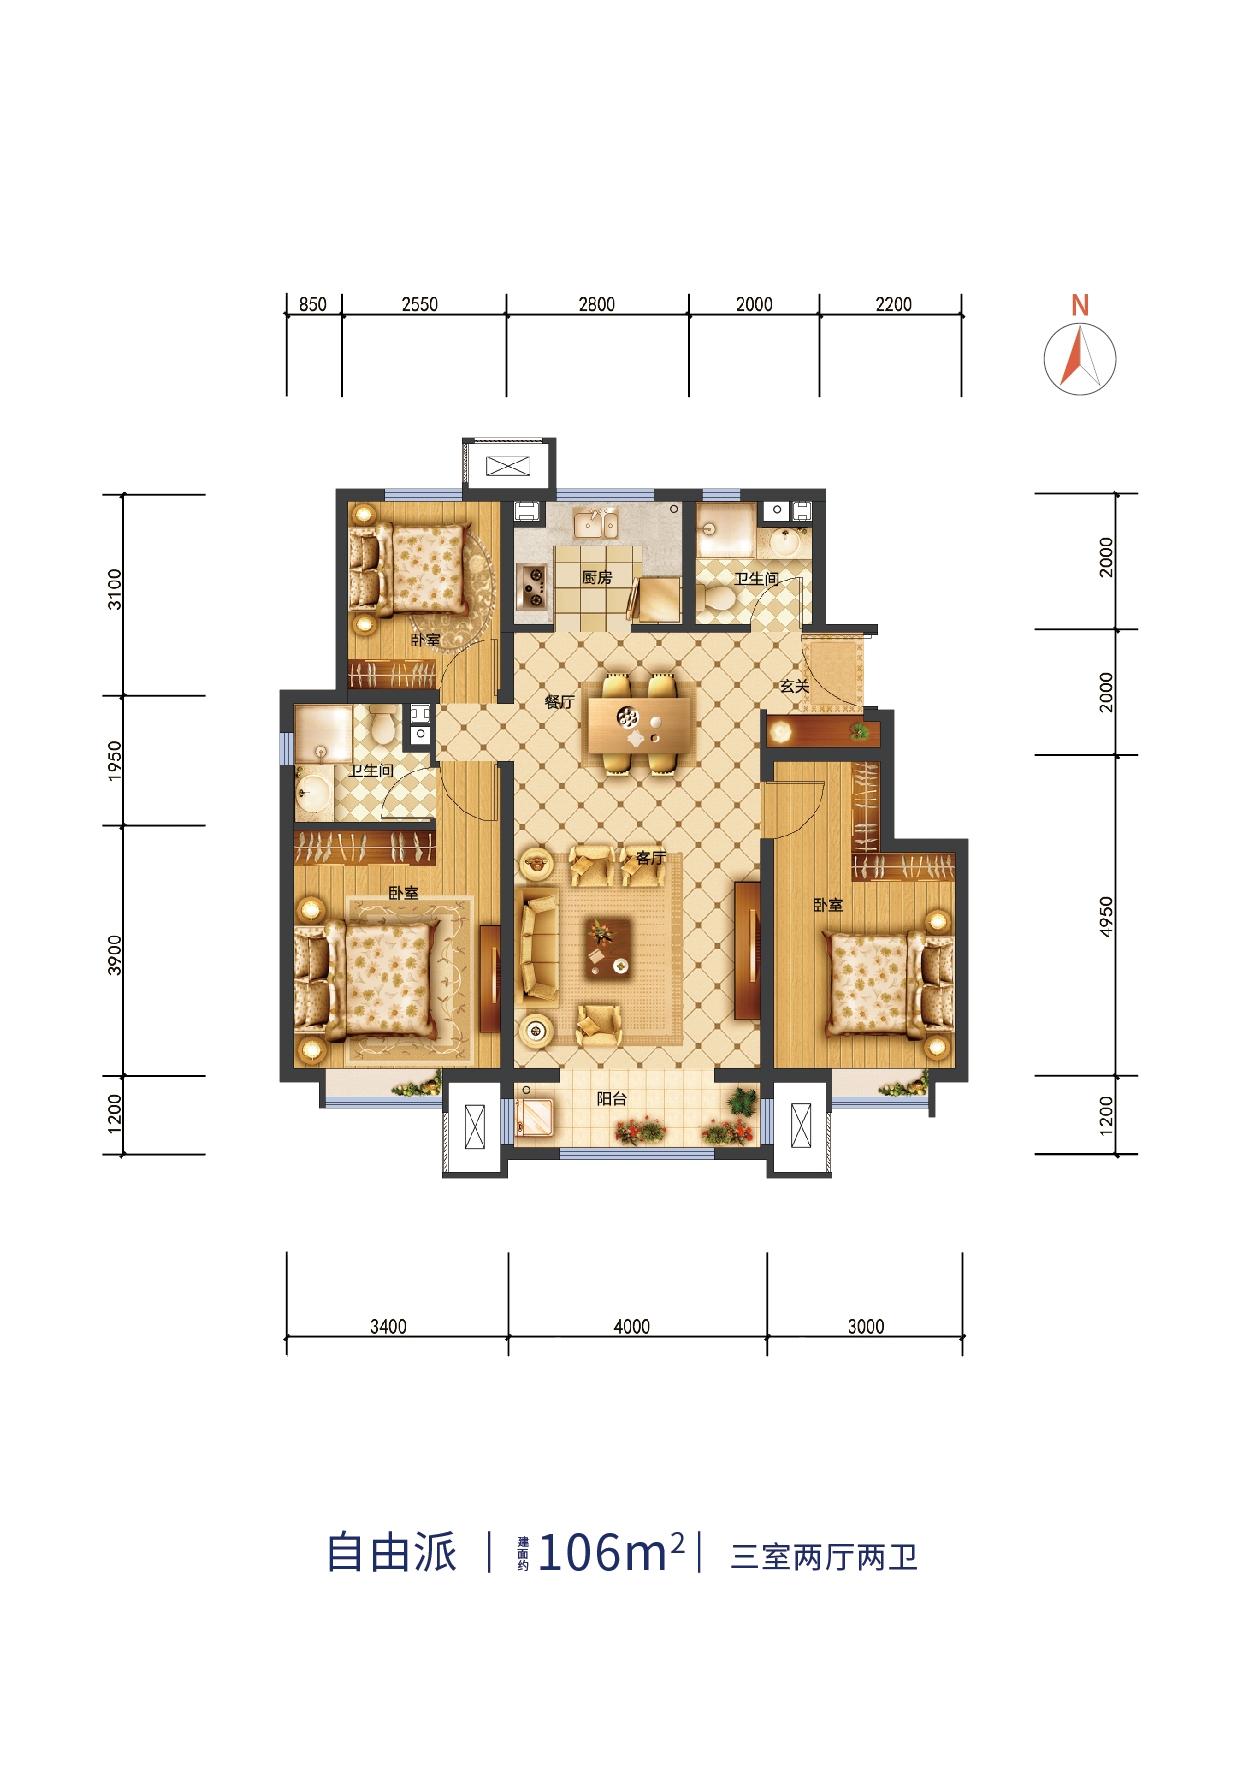 106平米三室两厅两卫